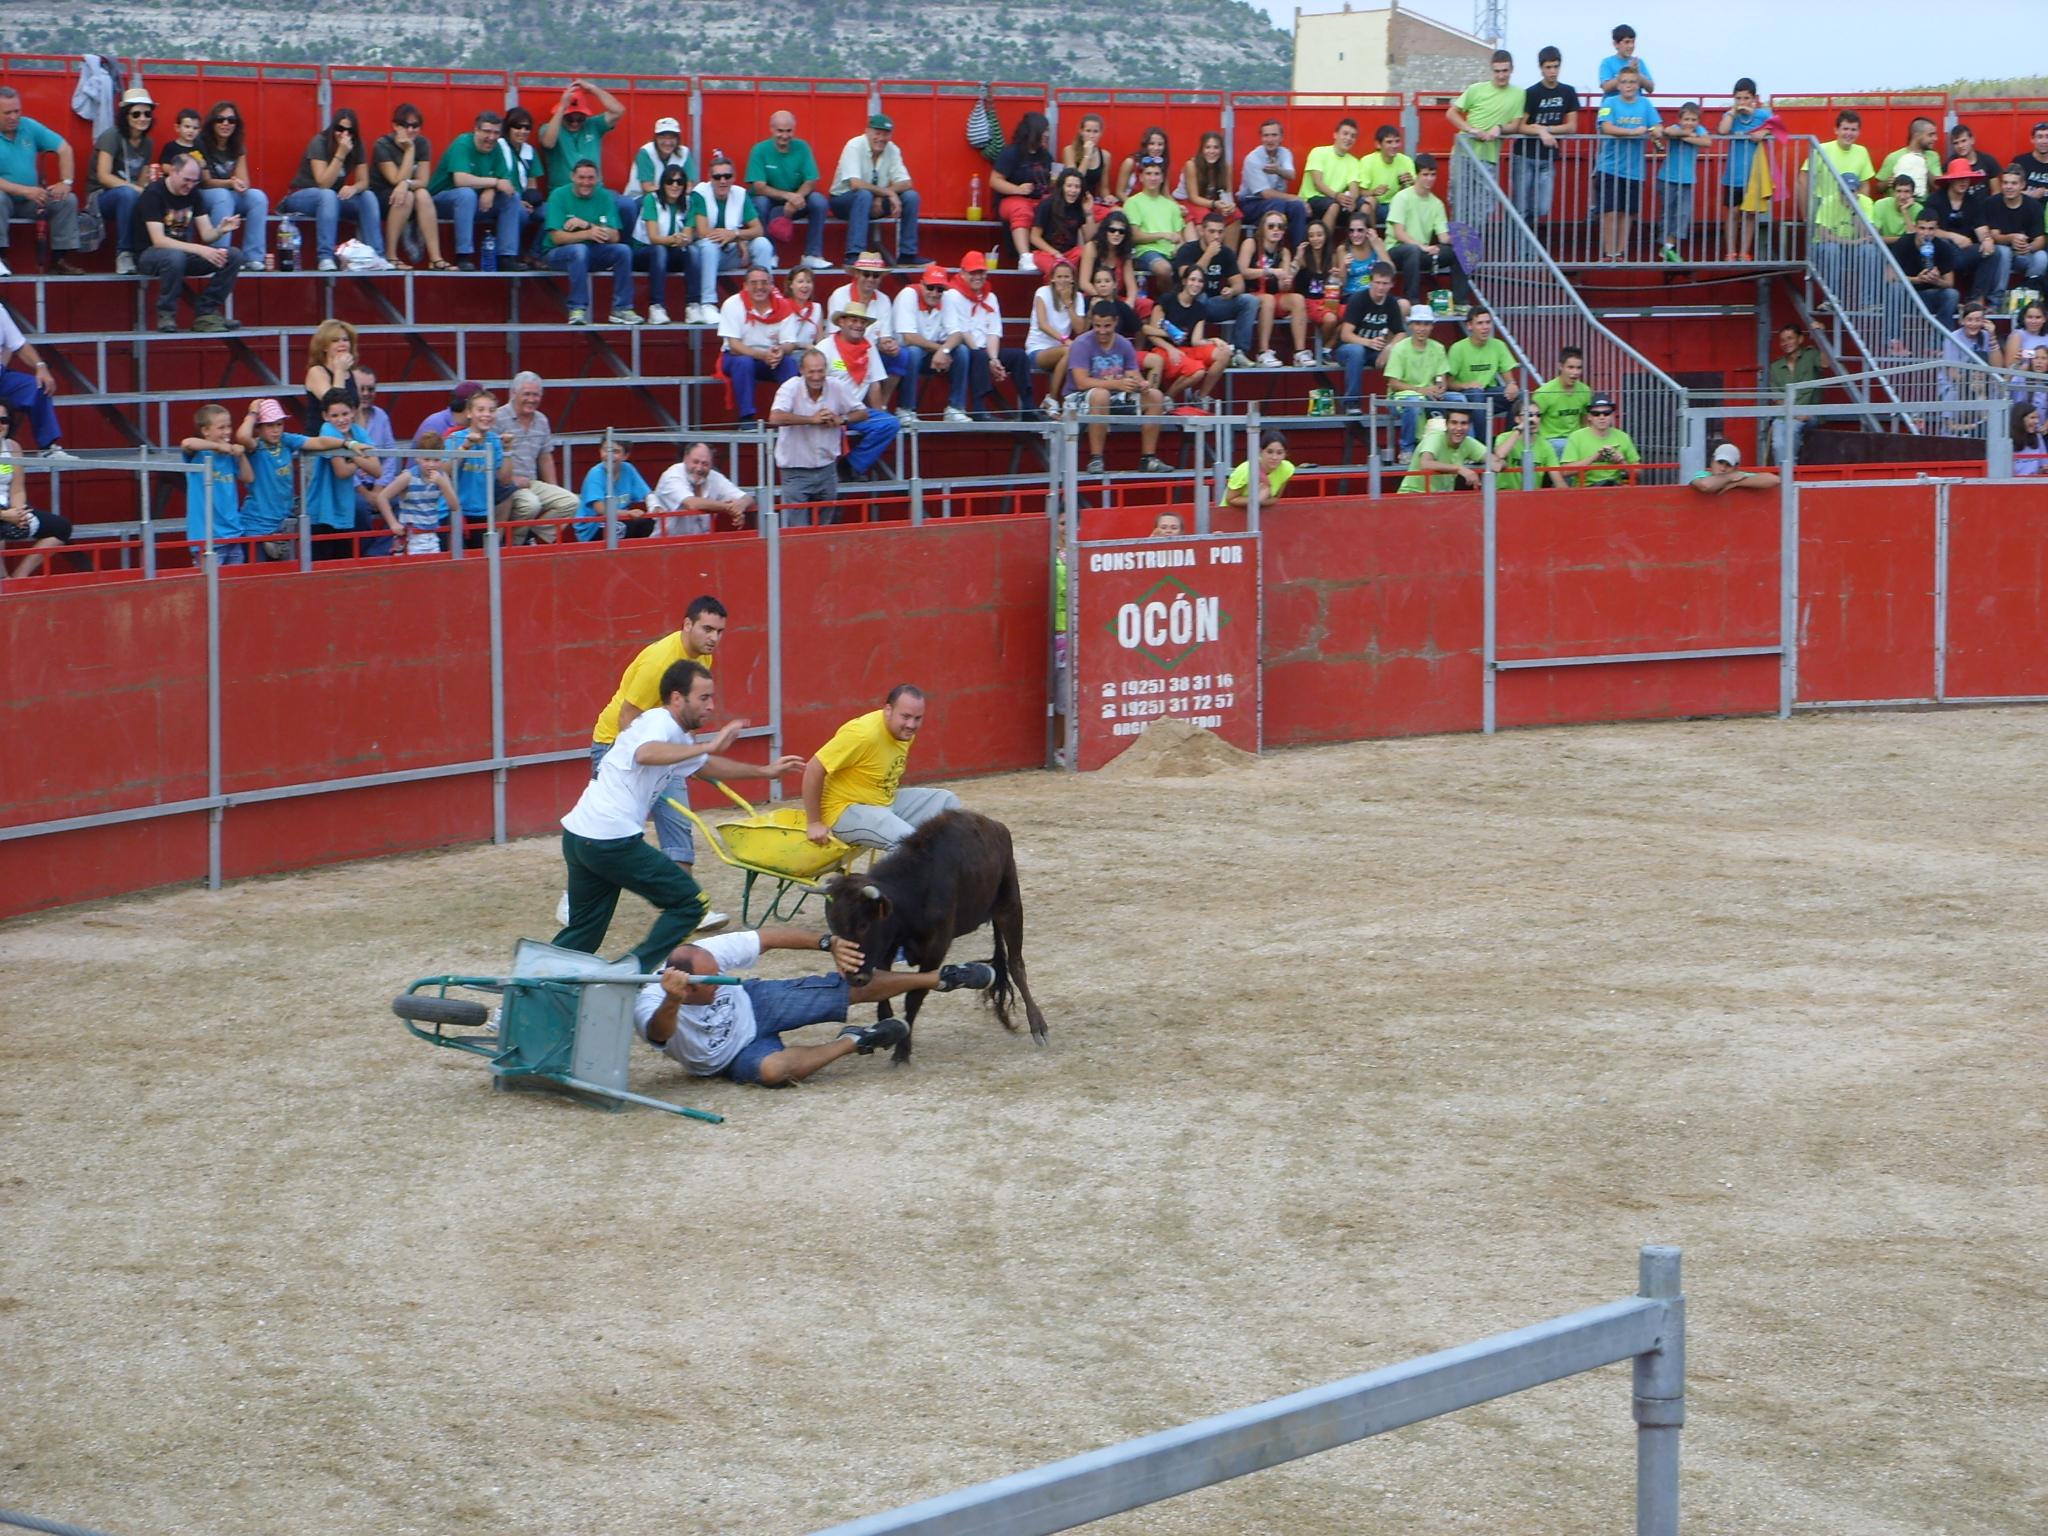 Fiestas de Astudillo 2011 16